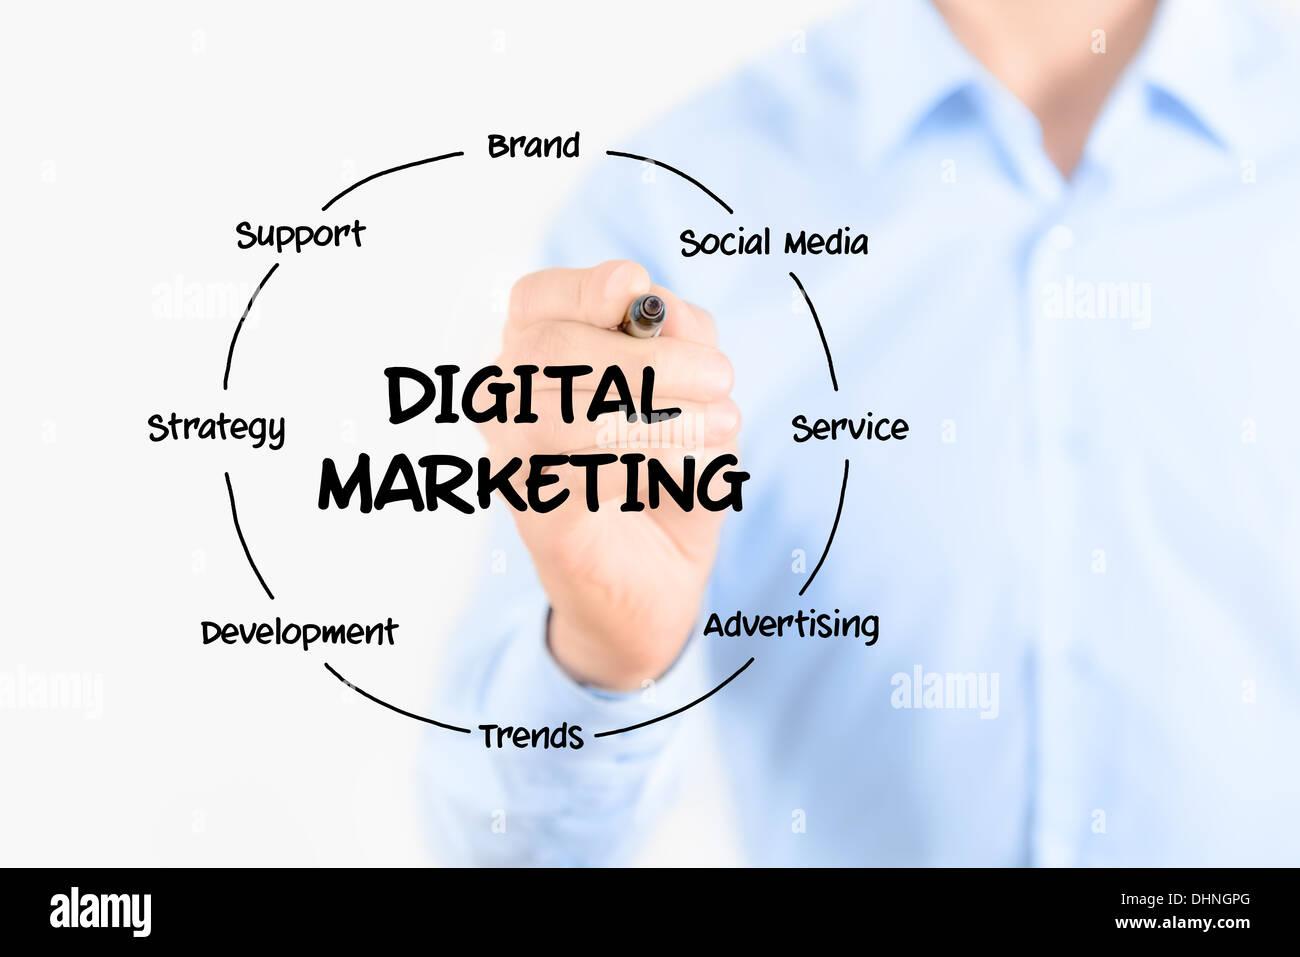 Jeune homme d'encombrement diagramme circulaire de structure de processus et les éléments de marketing numérique sur écran Photo Stock